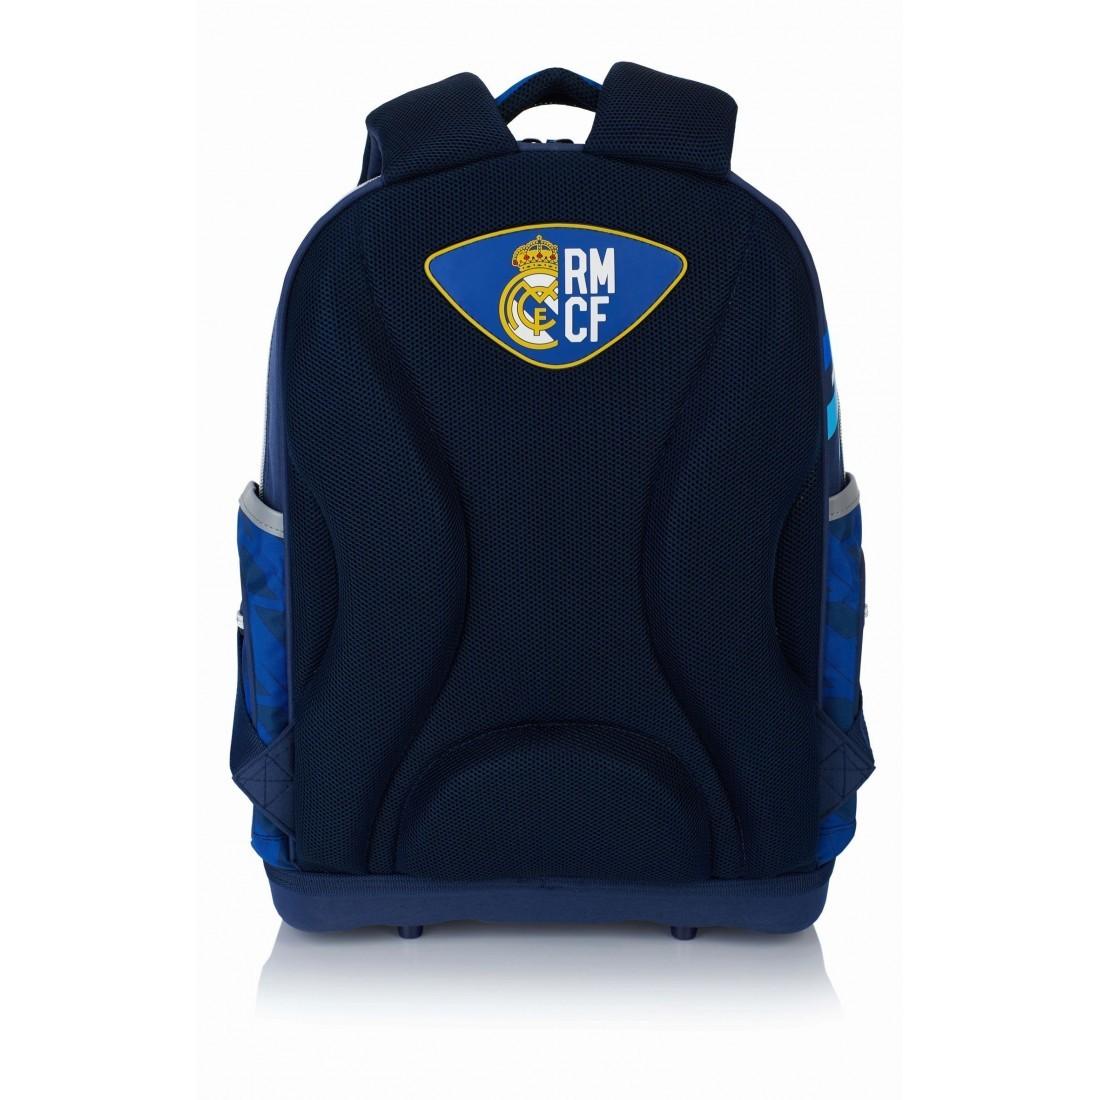 b1accec2d7e1e Plecak ergonomiczny Real Madryt granatowo - niebieski do szkoły - RM-131 -  plecak-tornister.pl